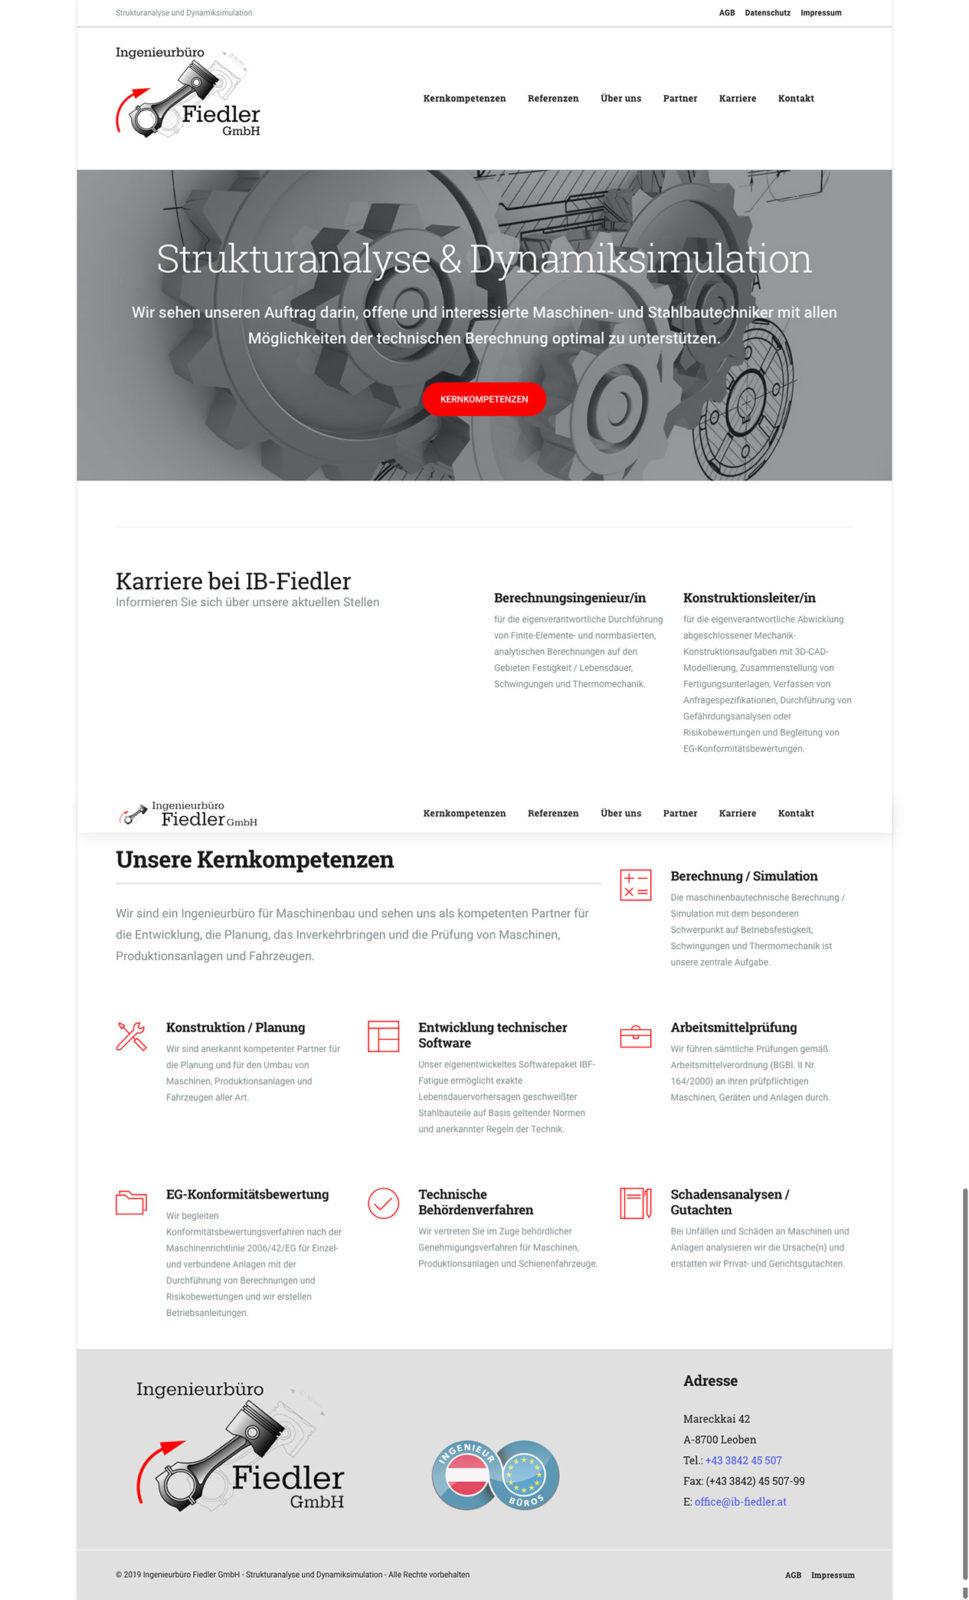 Webdesign für Ingenieurbüro Fiedler GmbH